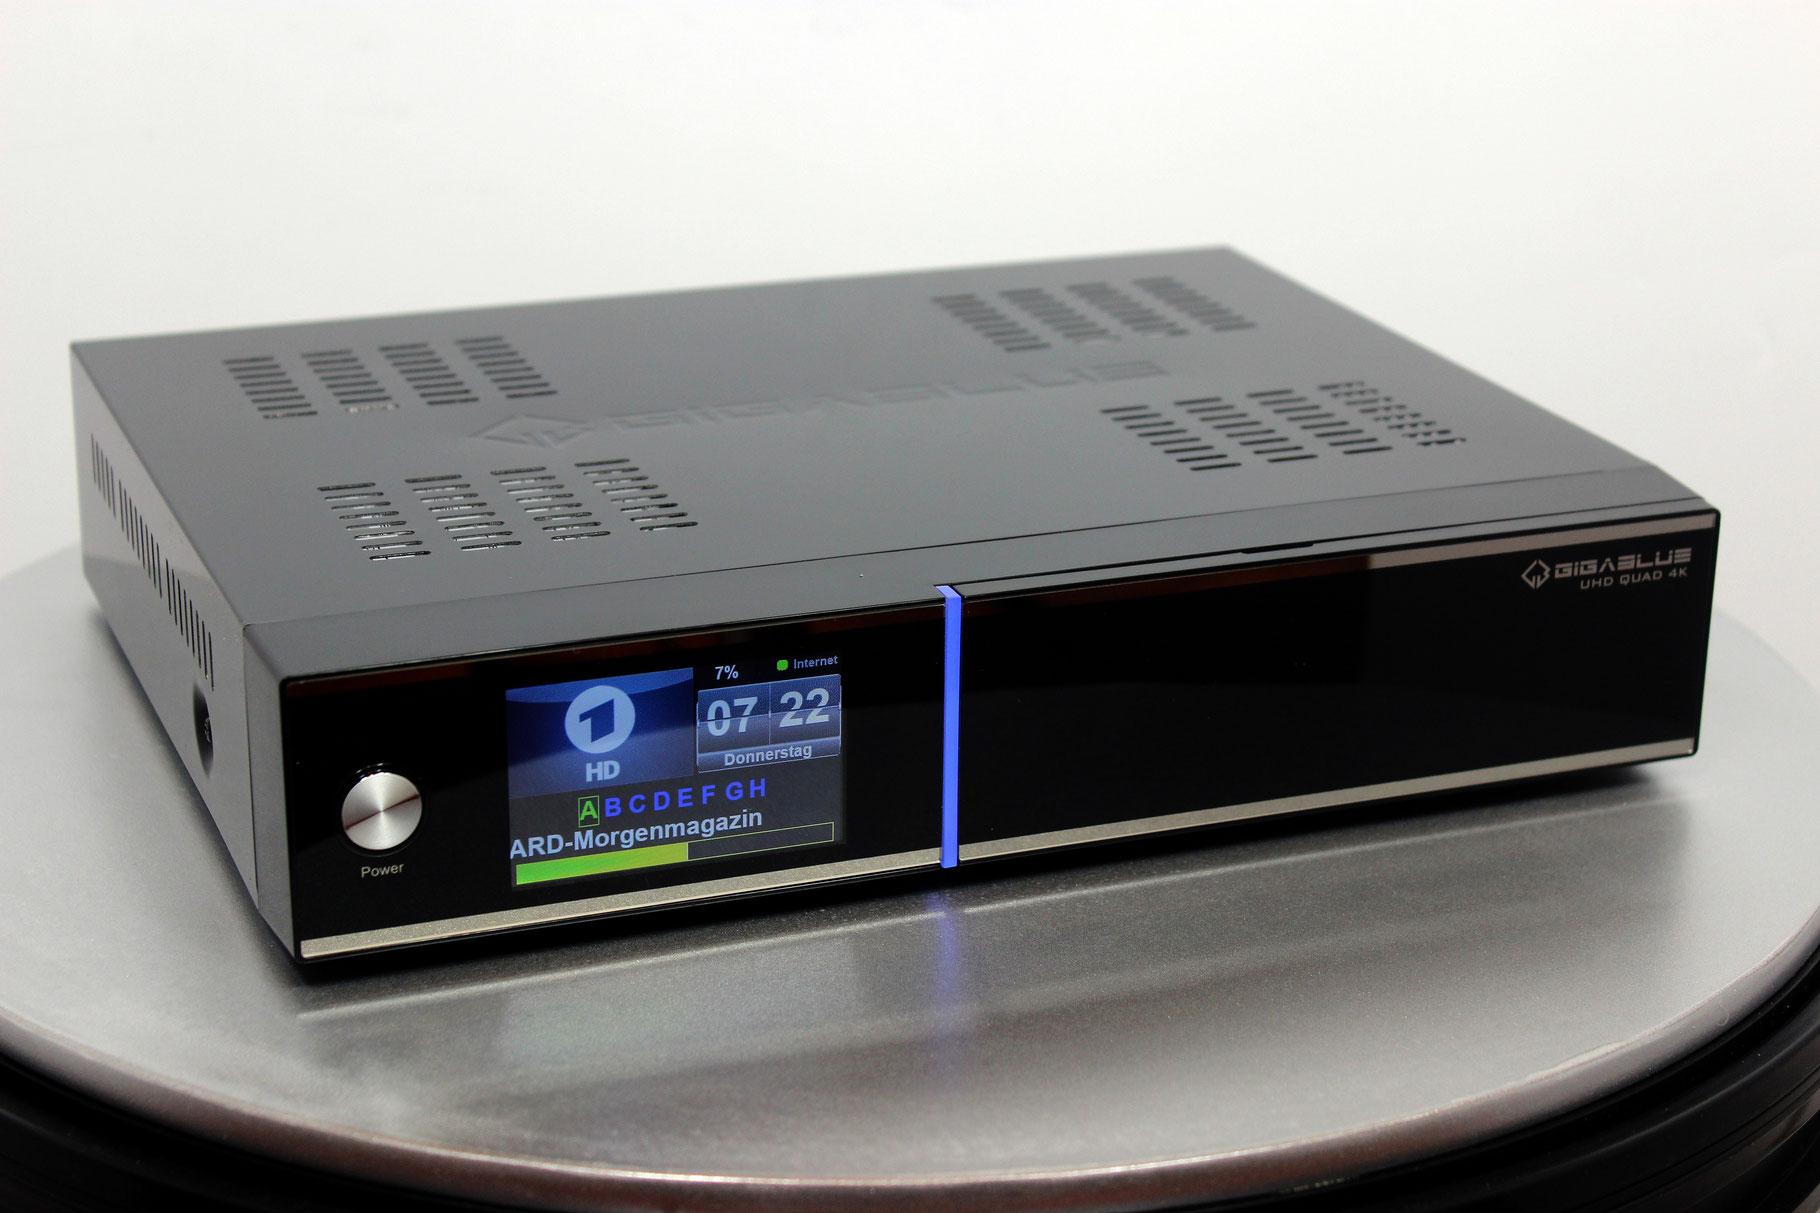 gigablue quad 4k  GigaBlue UHD Quad 4K